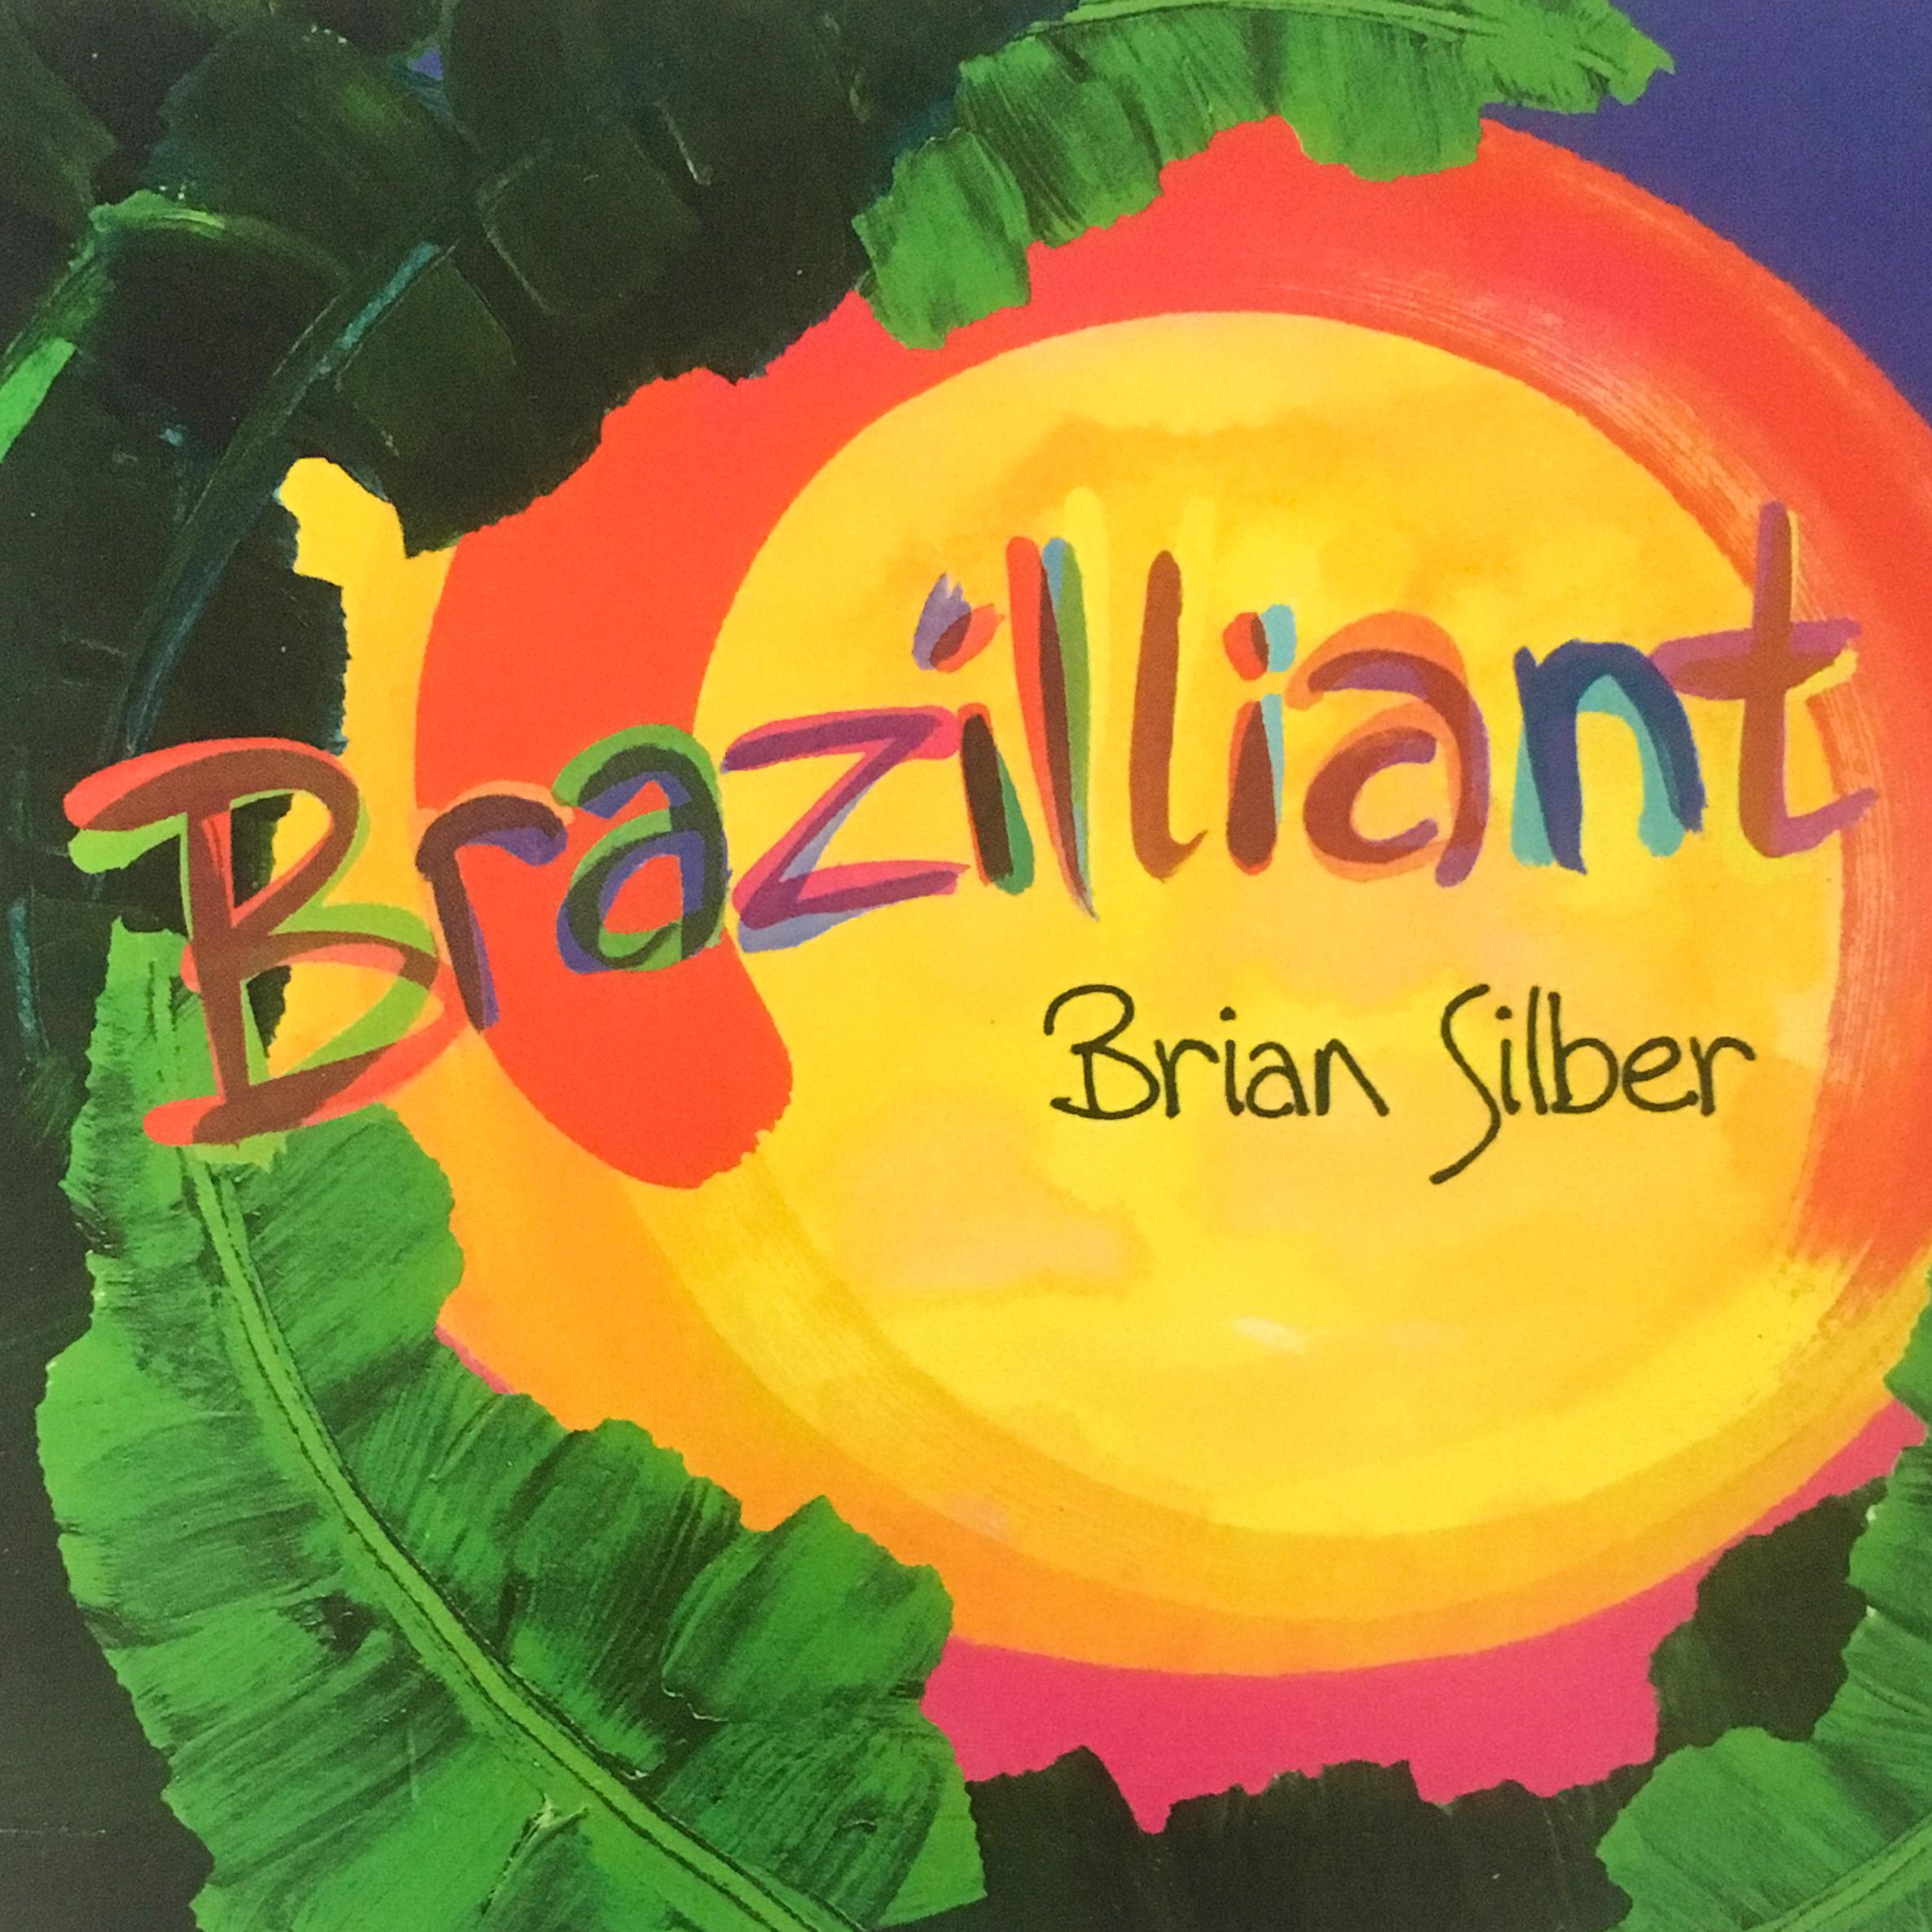 CD-brazilliant.jpg